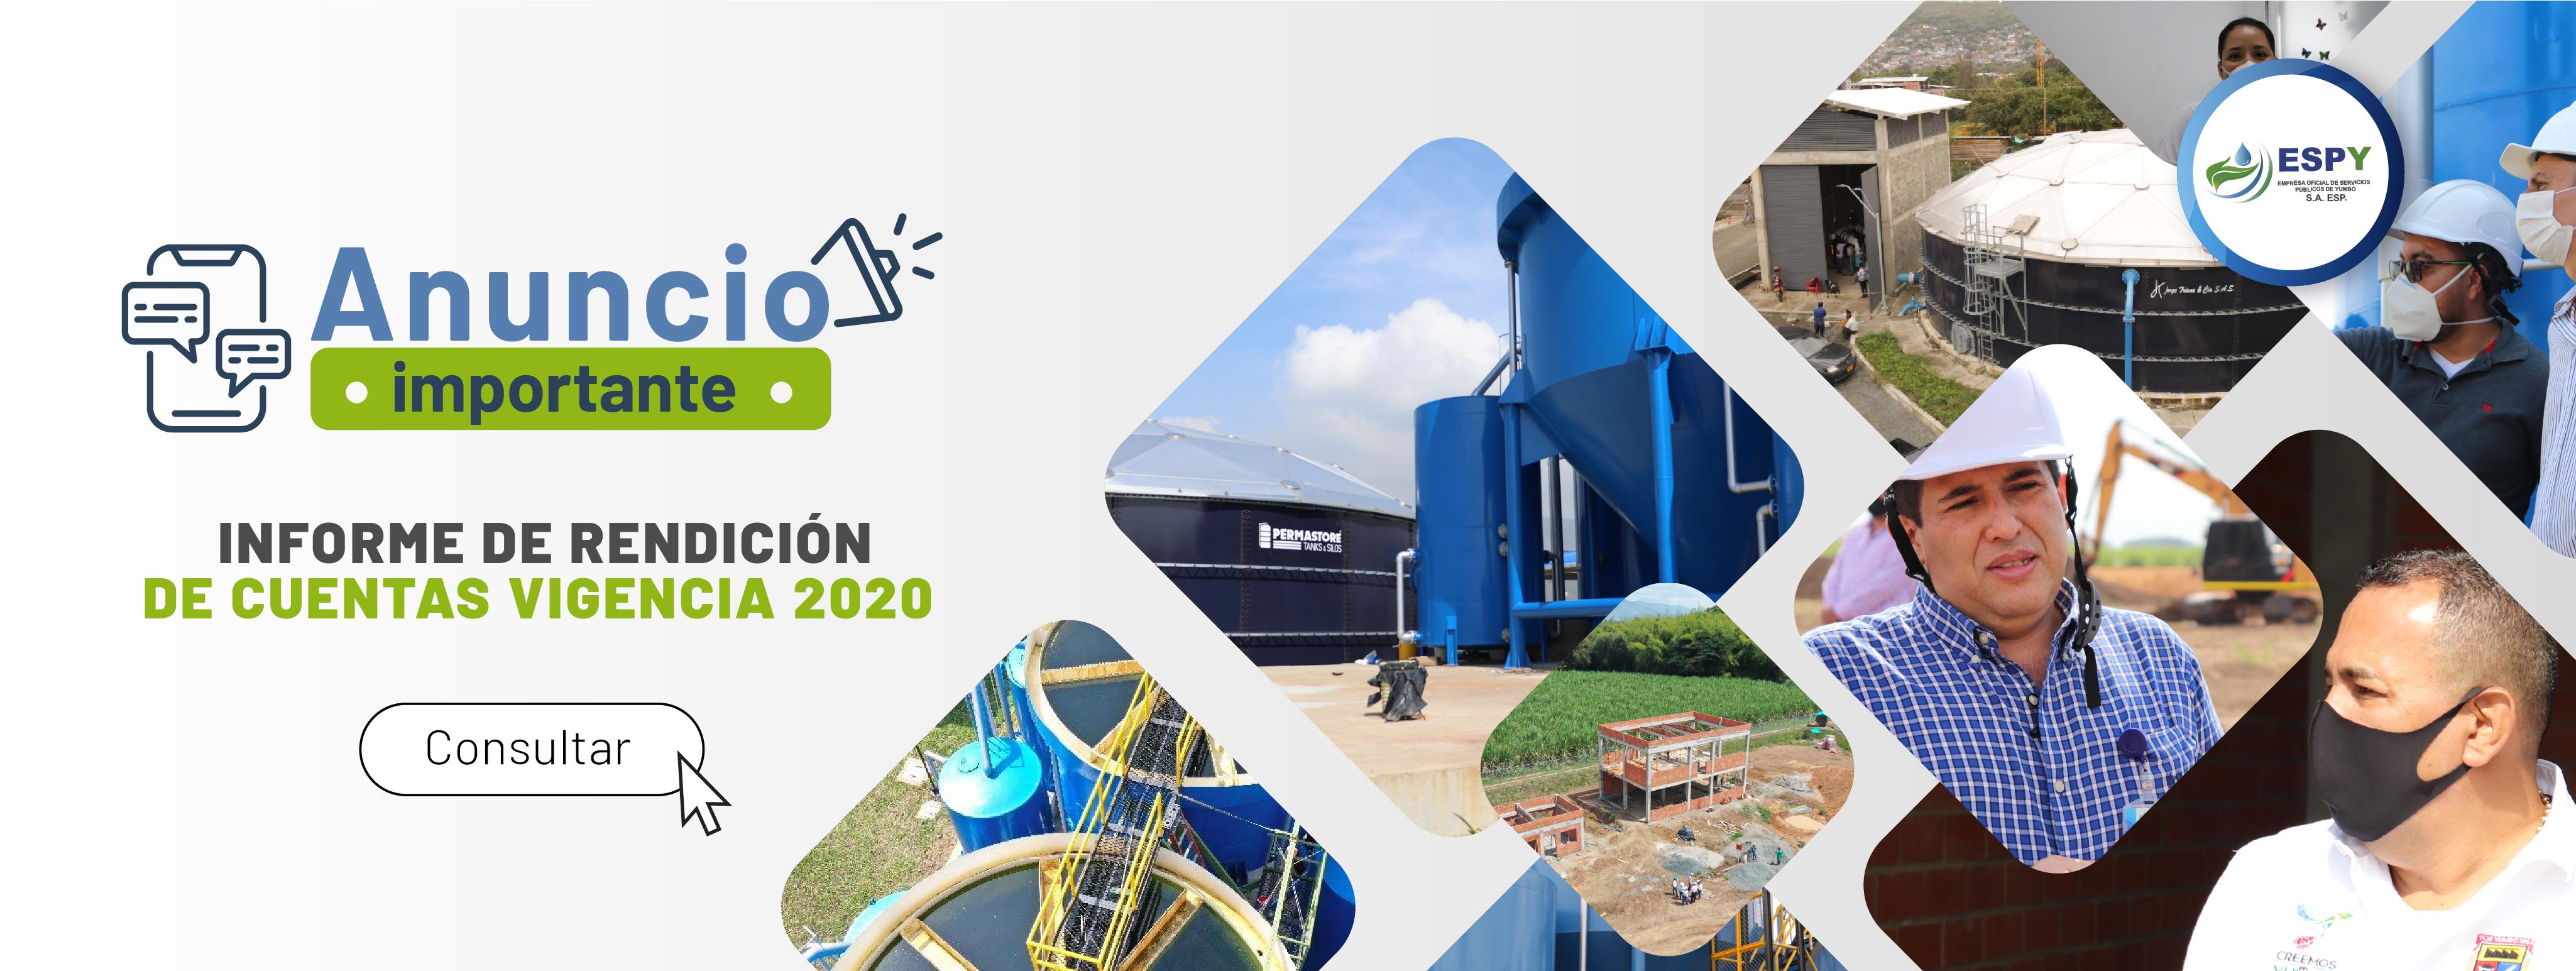 Banner__Rendicion_de_cuentas_2020